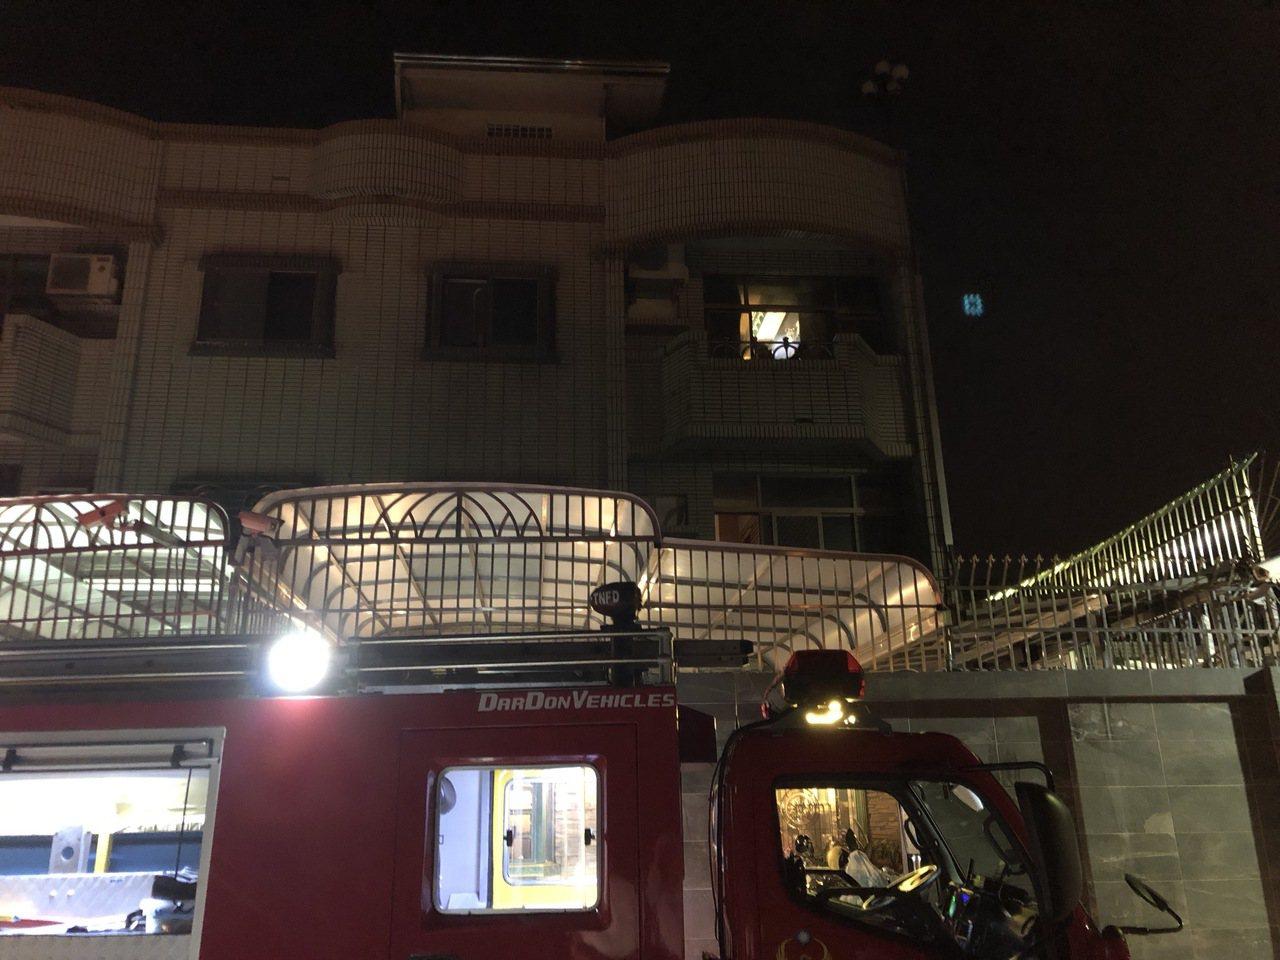 台南市南區大同路二段620巷弄內一棟透天厝3樓天花板晚間冒出火煙,消防局據報往趕...